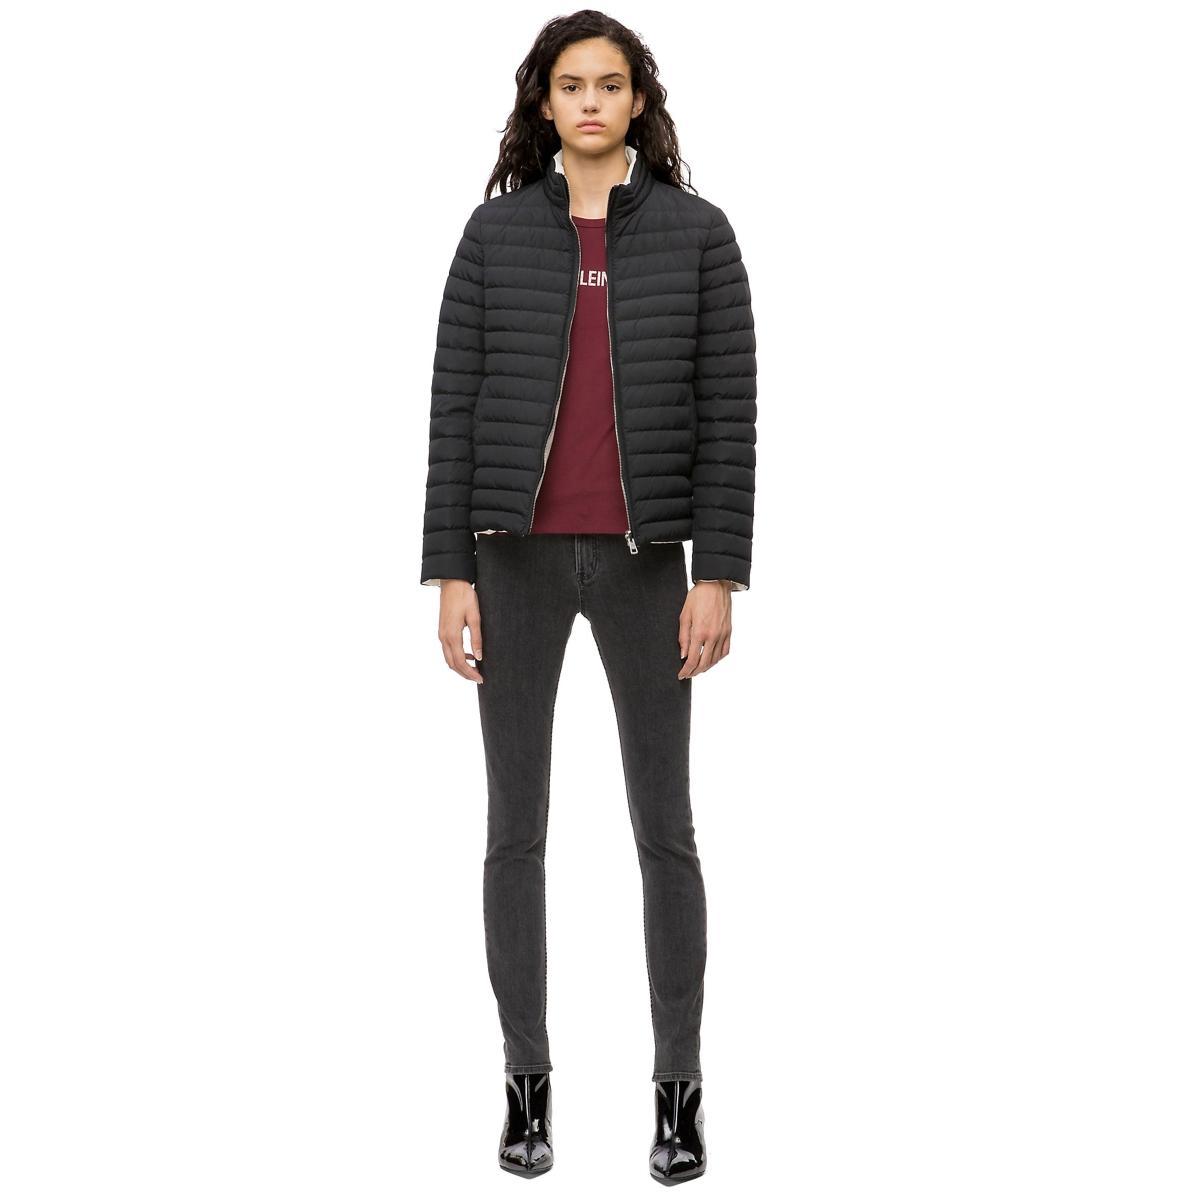 Giubbotto piumino Calvin Klein Jeans reversibile imbottito da donna rif. J20J207785